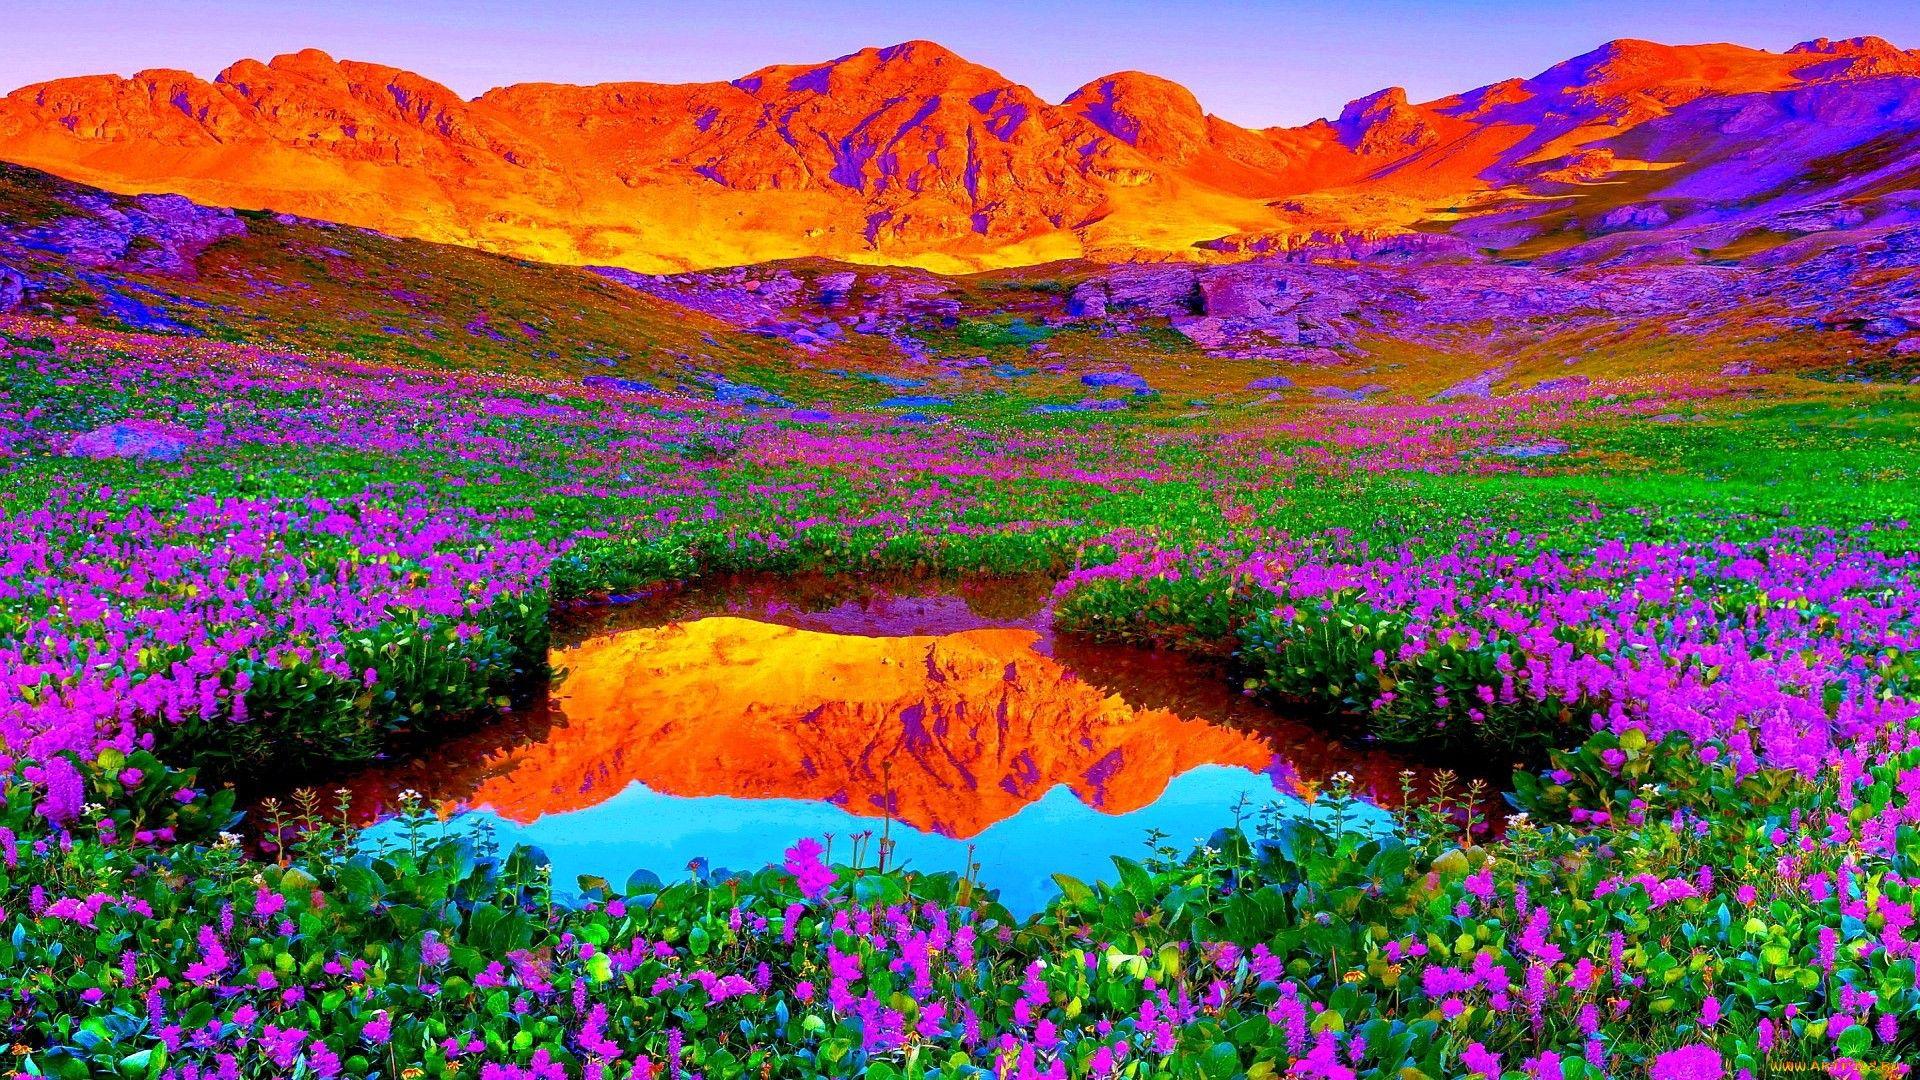 Обои Природа Реки/Озера, обои для рабочего стола ...